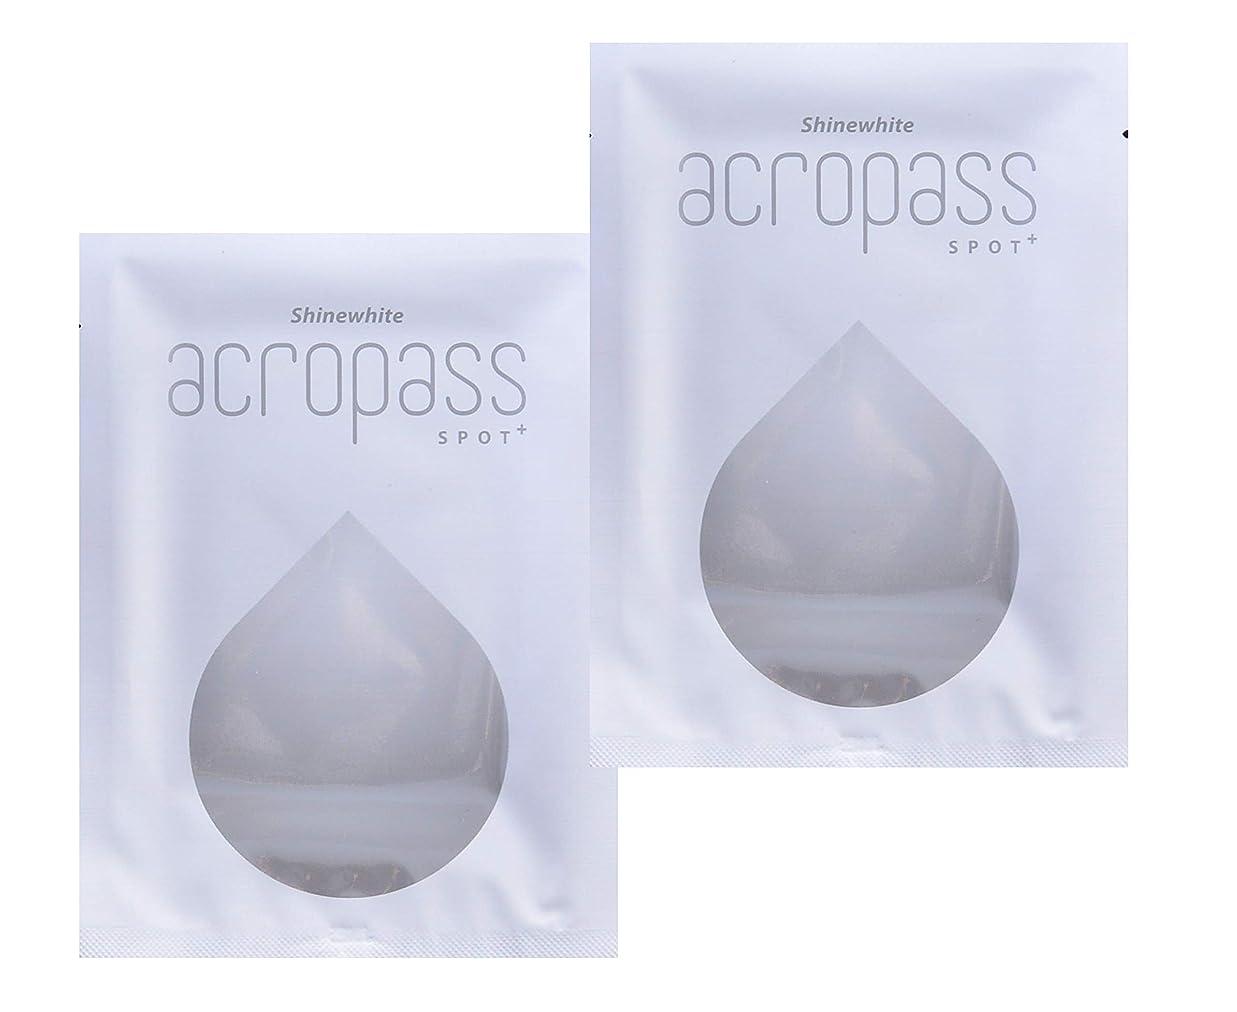 突然のほのめかすタフ★★アクロパス スポットプラス★★ 2パウチセット (1パウチ:2枚入り)  美白効果をプラスしたアクロパス、ヒアルロン酸+4種の美白成分配合マイクロニードルパッチ